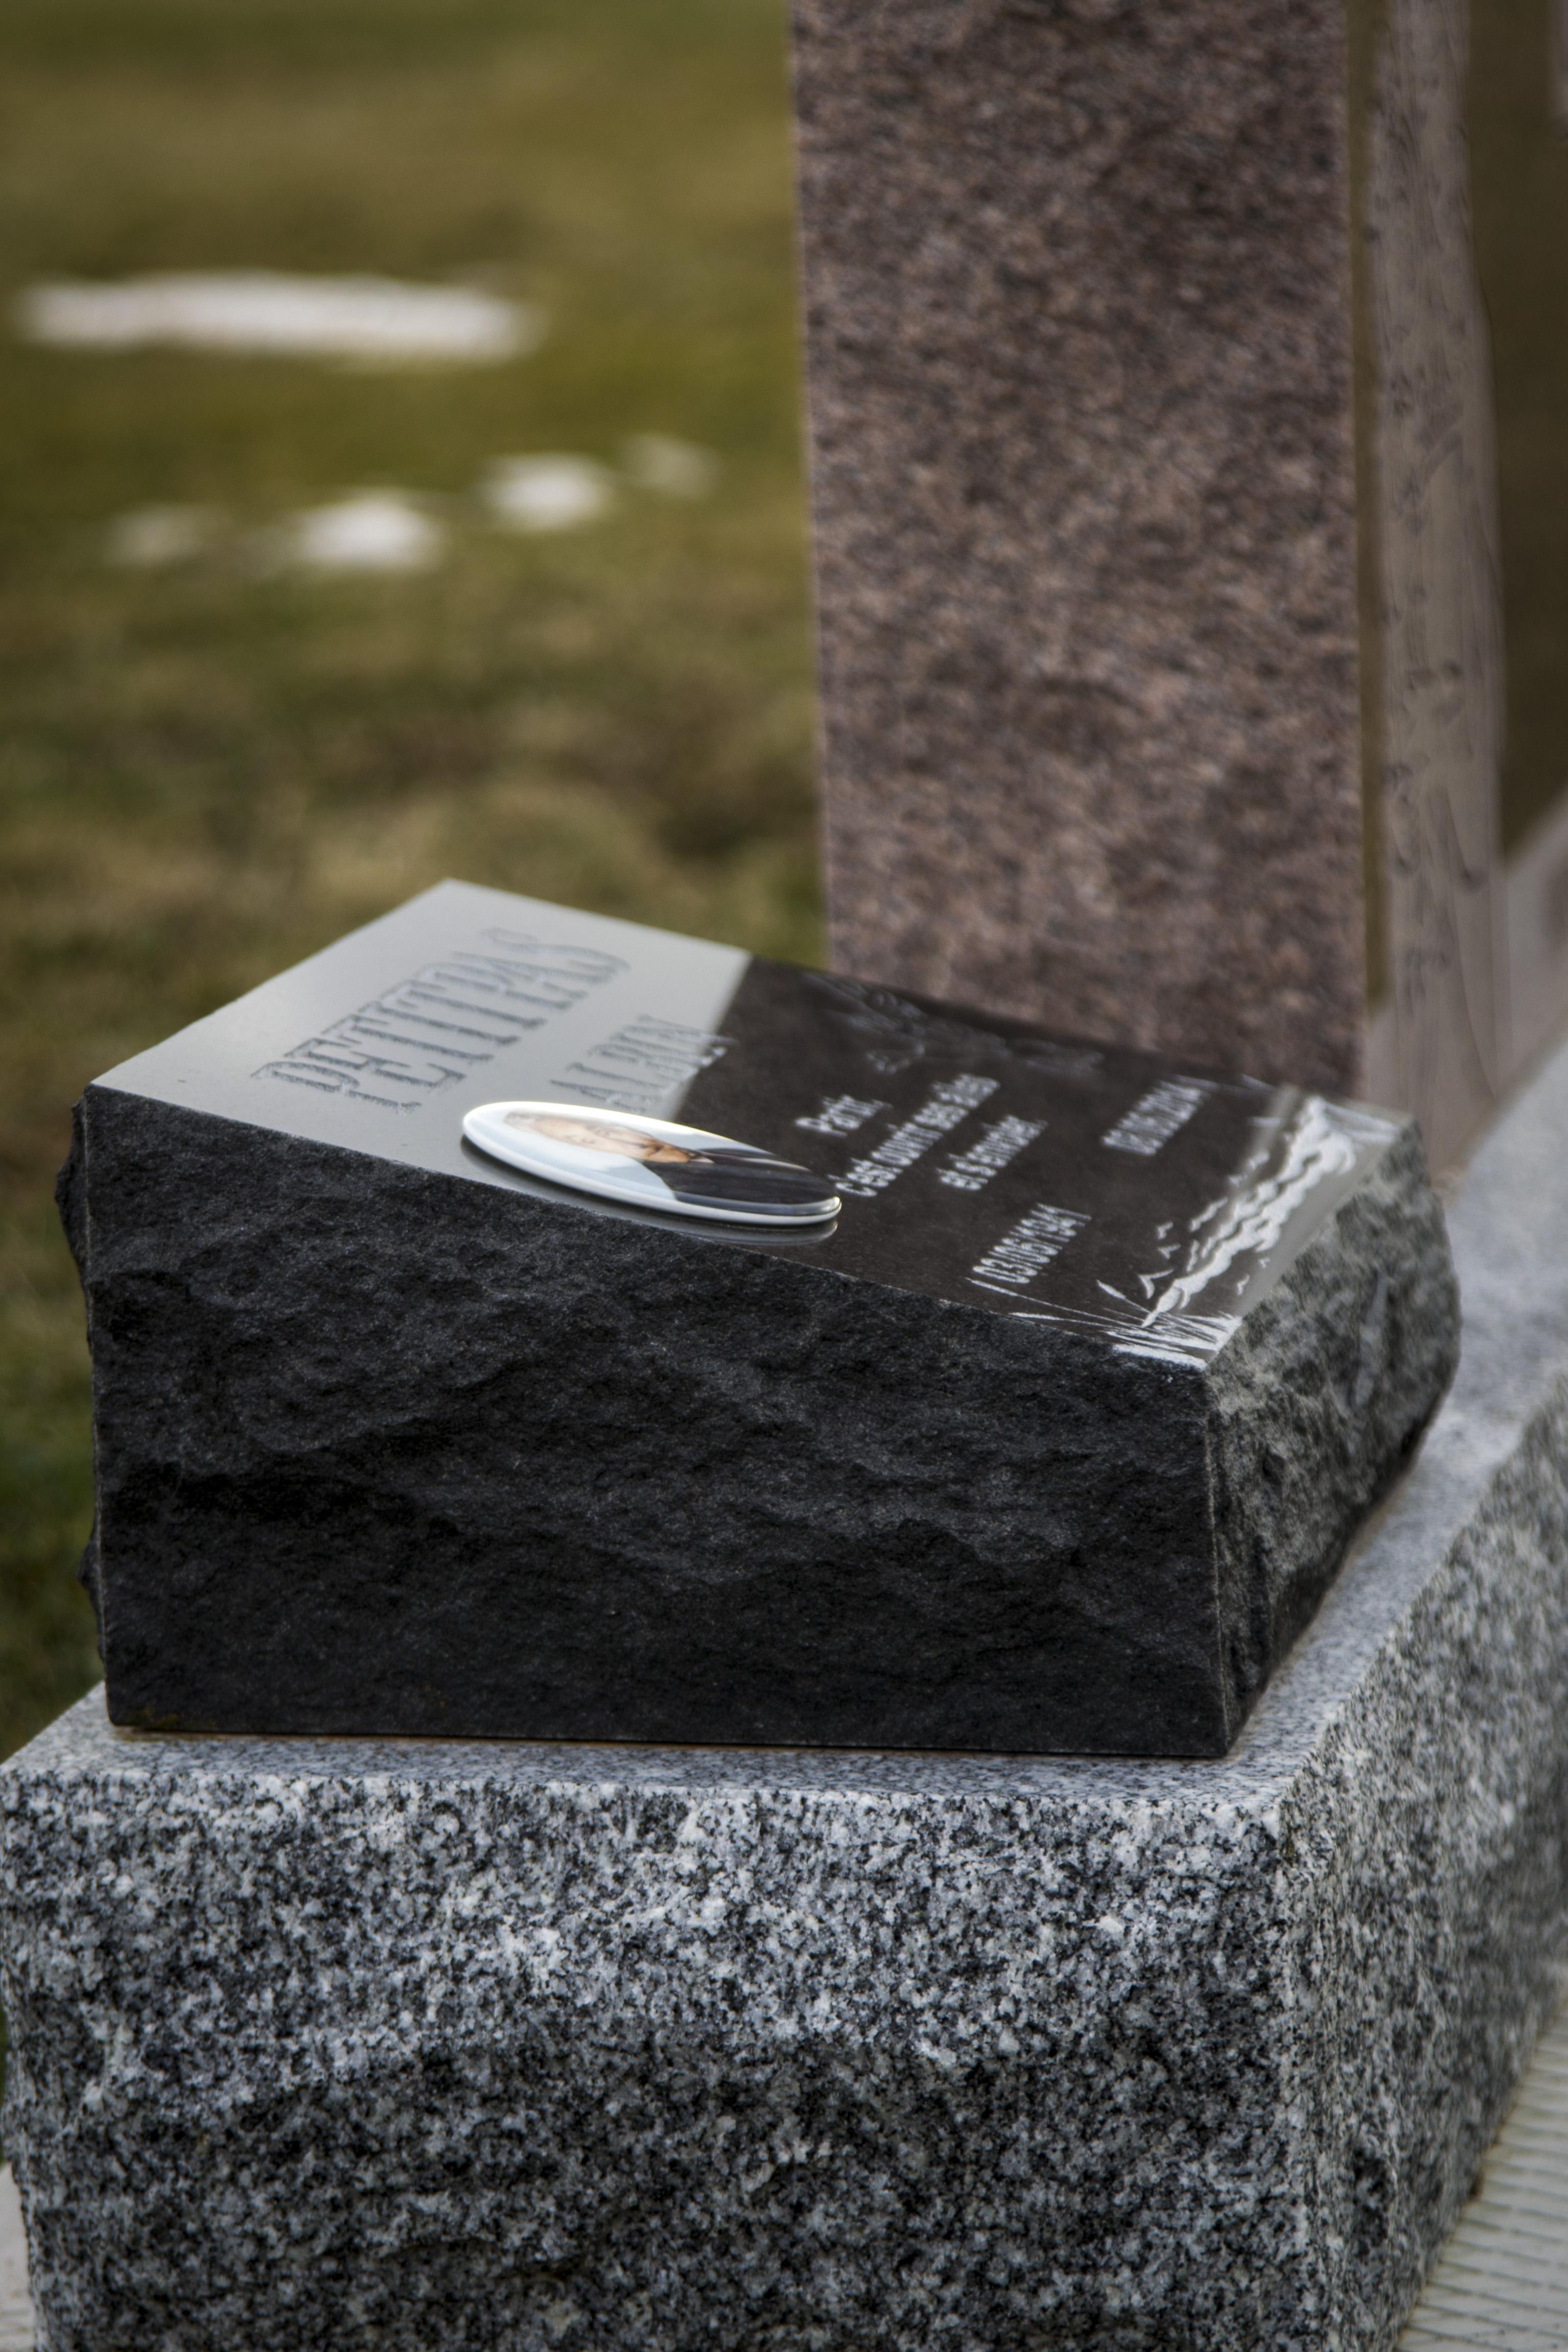 monument deraspe-0381